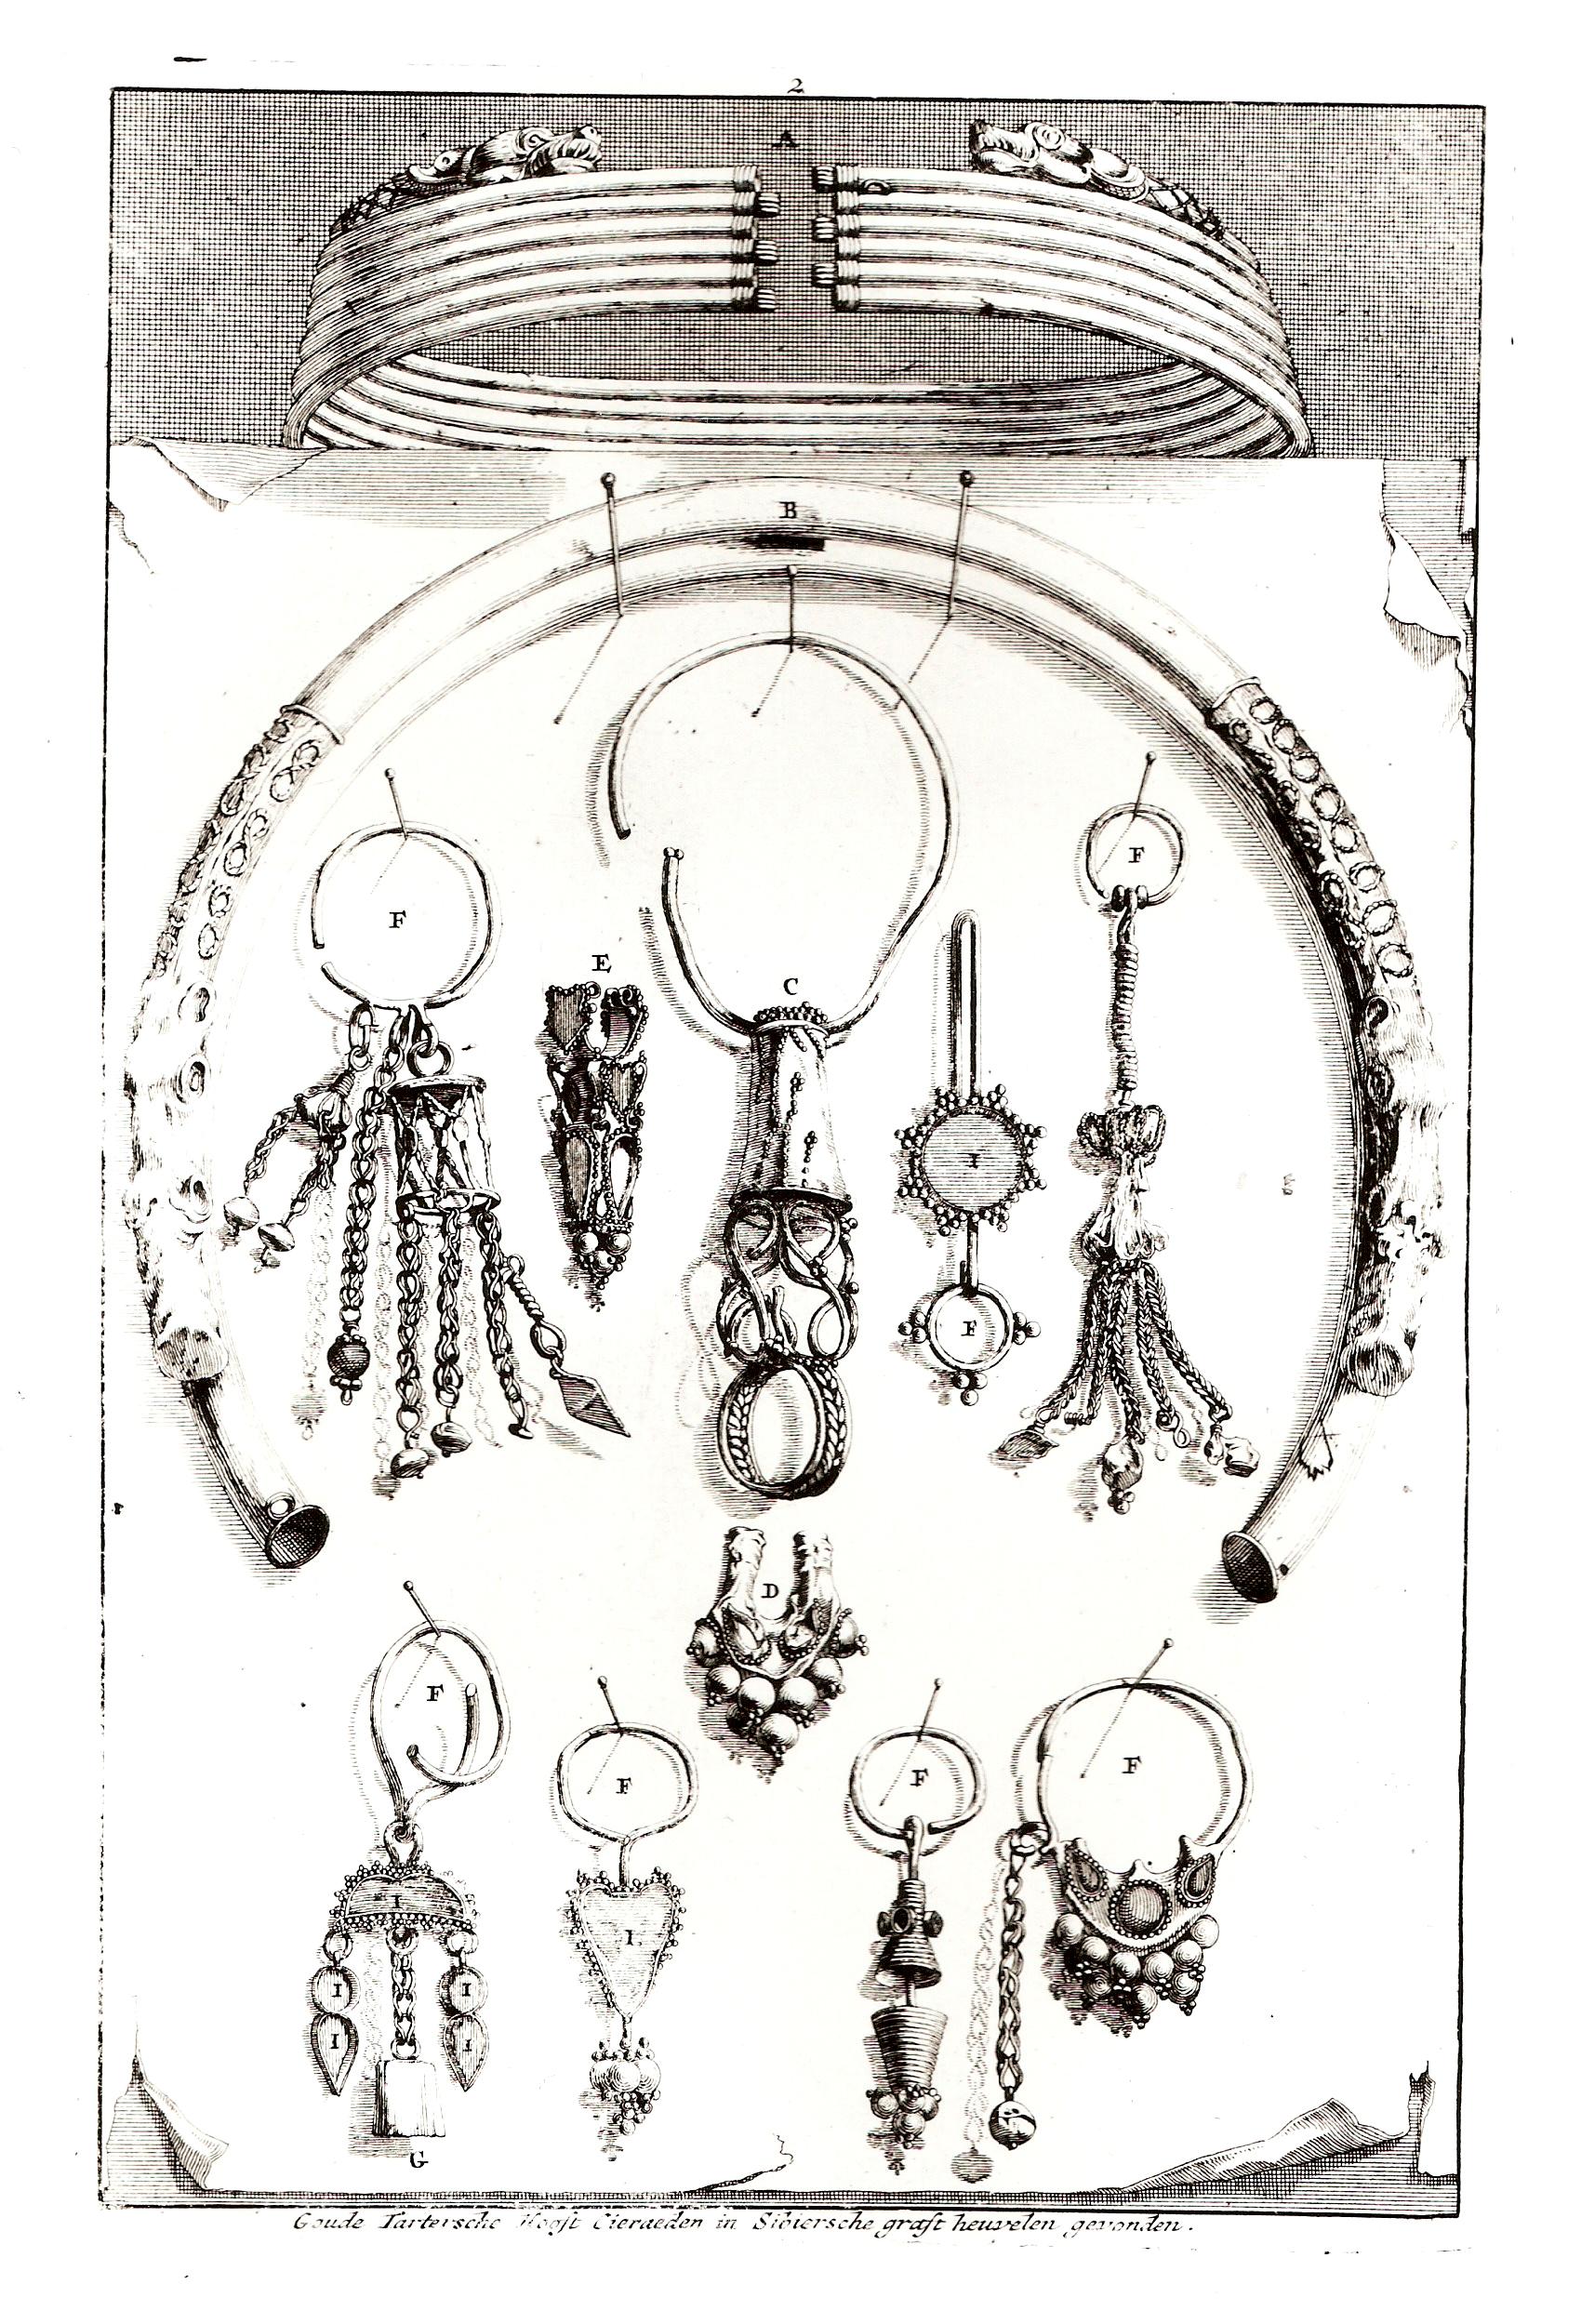 Золотые тартарские головные украшения, найденные в сибирских погребальных курганах